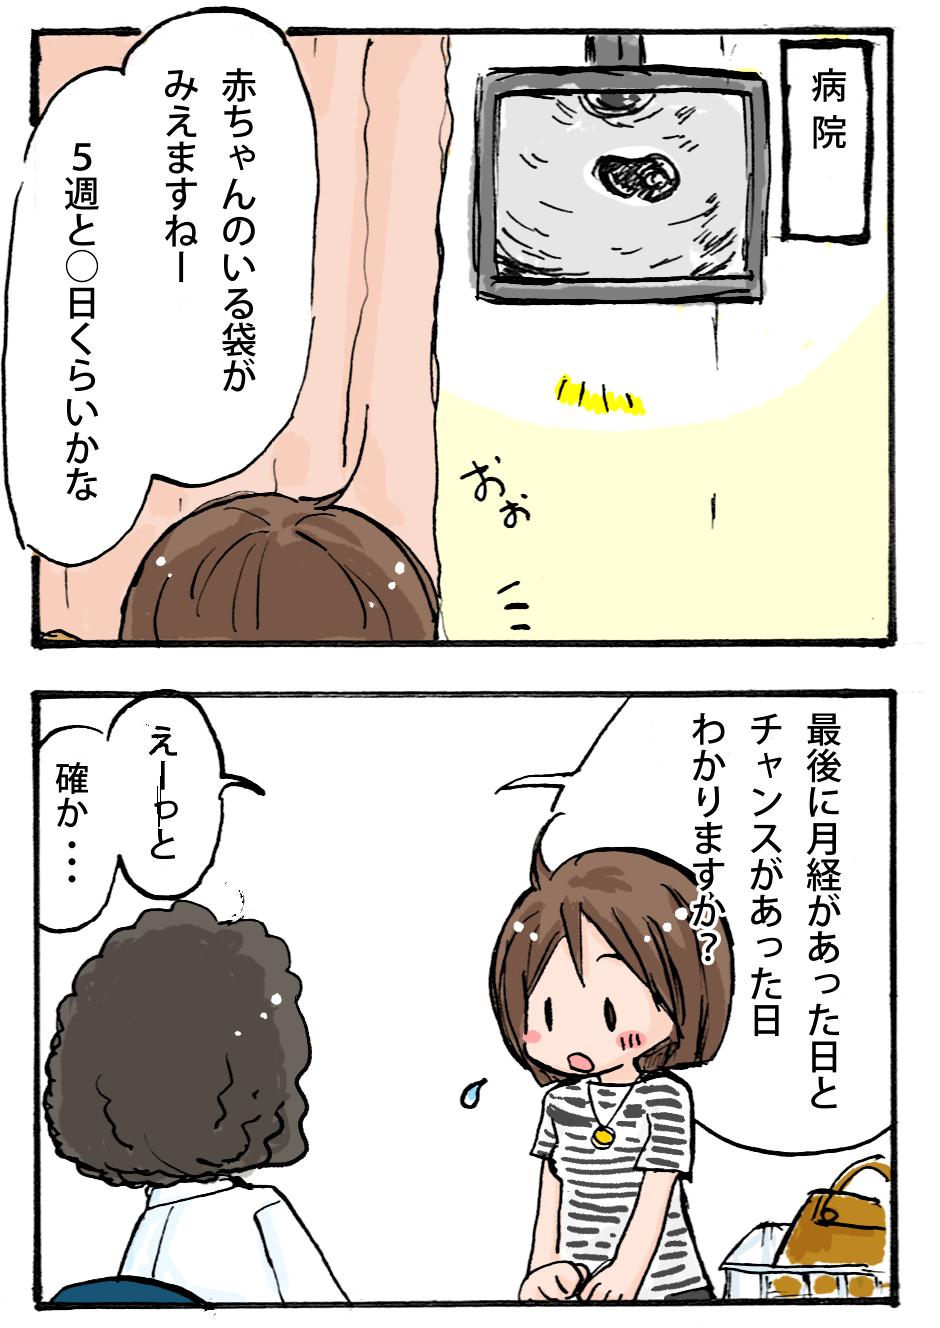 comic5a